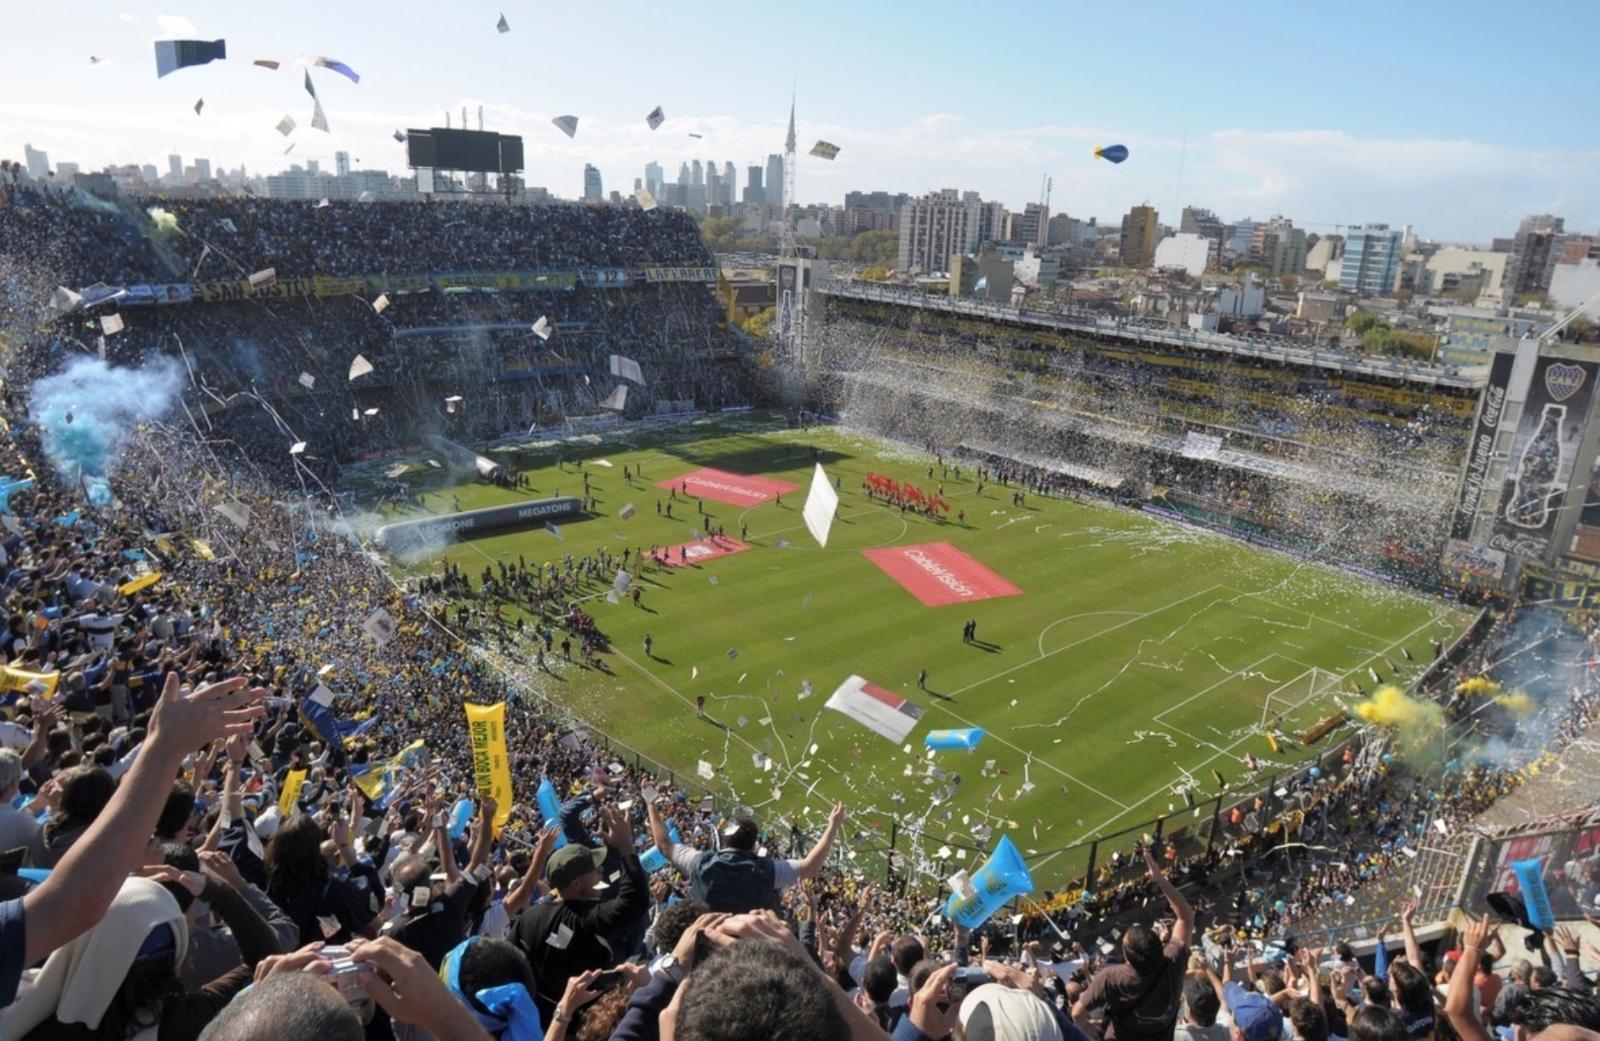 La calculadora de Chile: Podría clasificar aún si pierde con Brasil